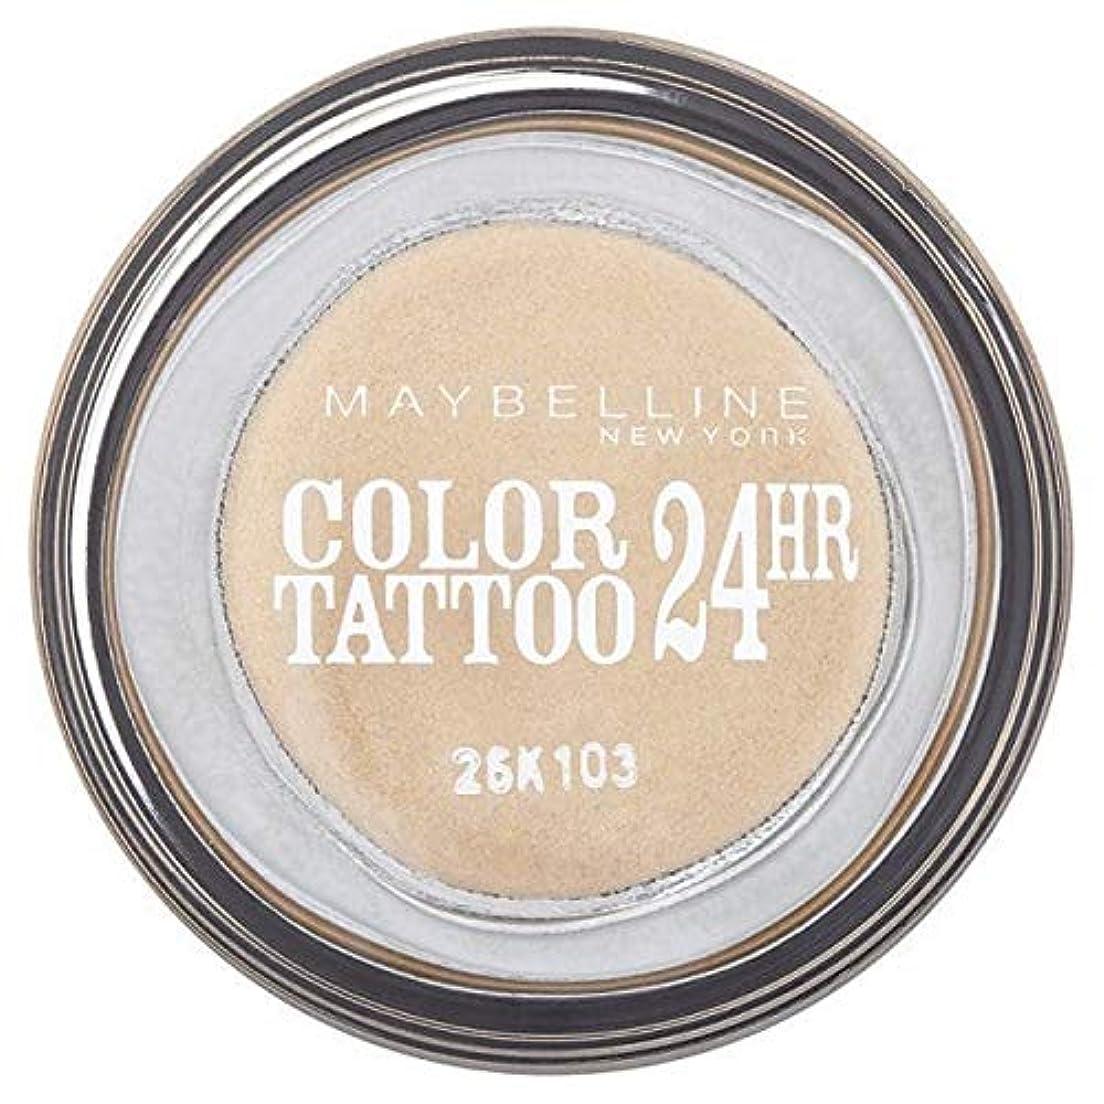 ハード裁定衝動[Maybelline ] シングルアイシャドウ05金24時間メイベリンカラータトゥー - Maybelline Color Tattoo 24Hr Single Eyeshadow 05 Gold [並行輸入品]